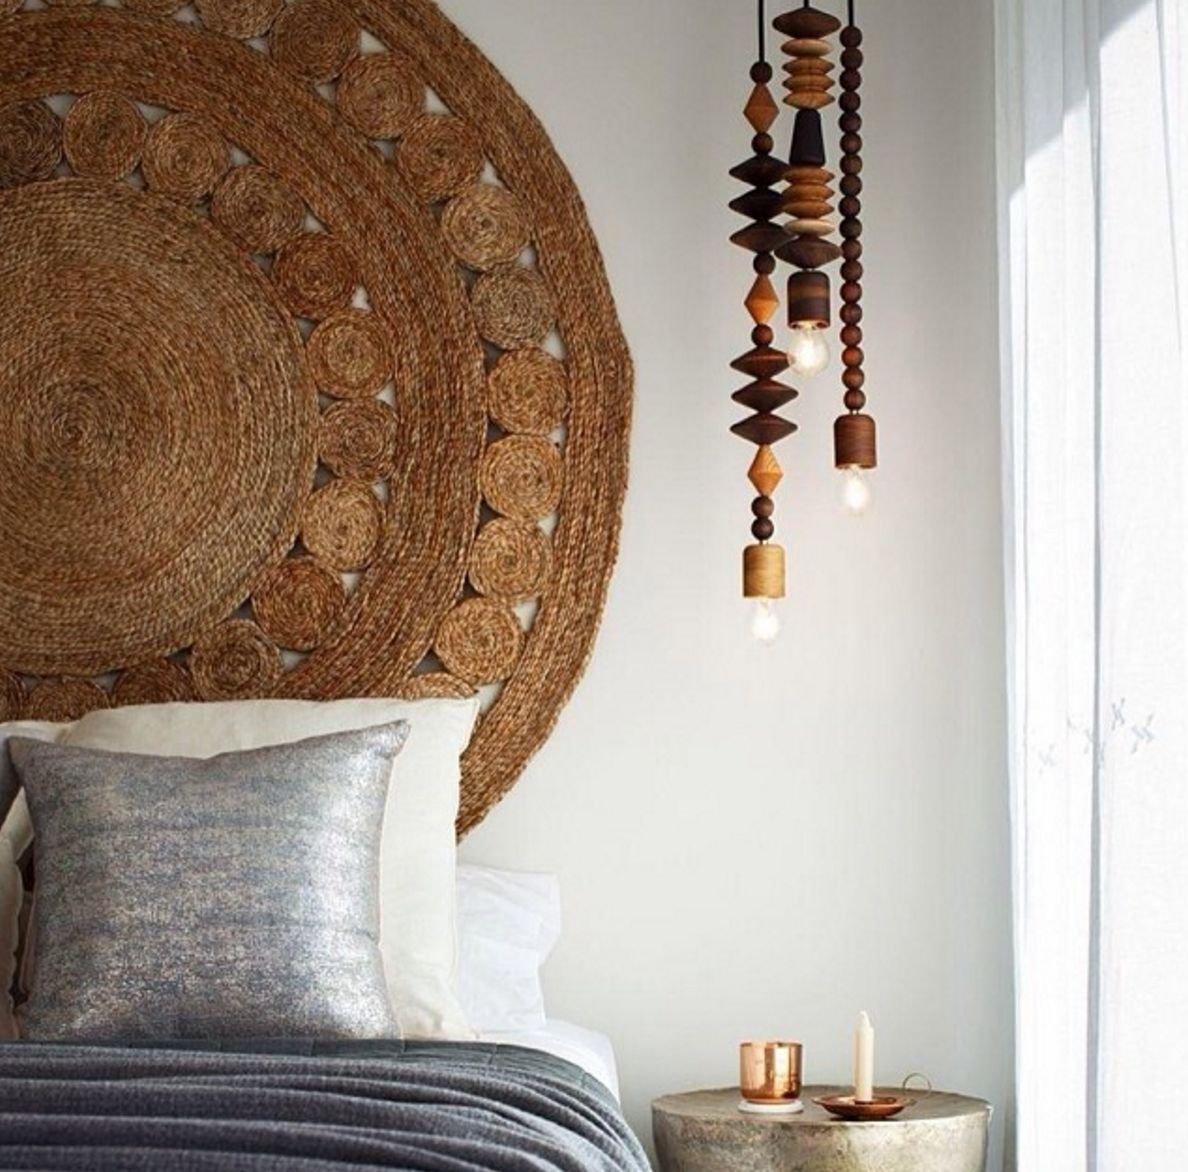 Testata In Legno Per Letto 21 idee per una testata del letto alternativa - casa.it